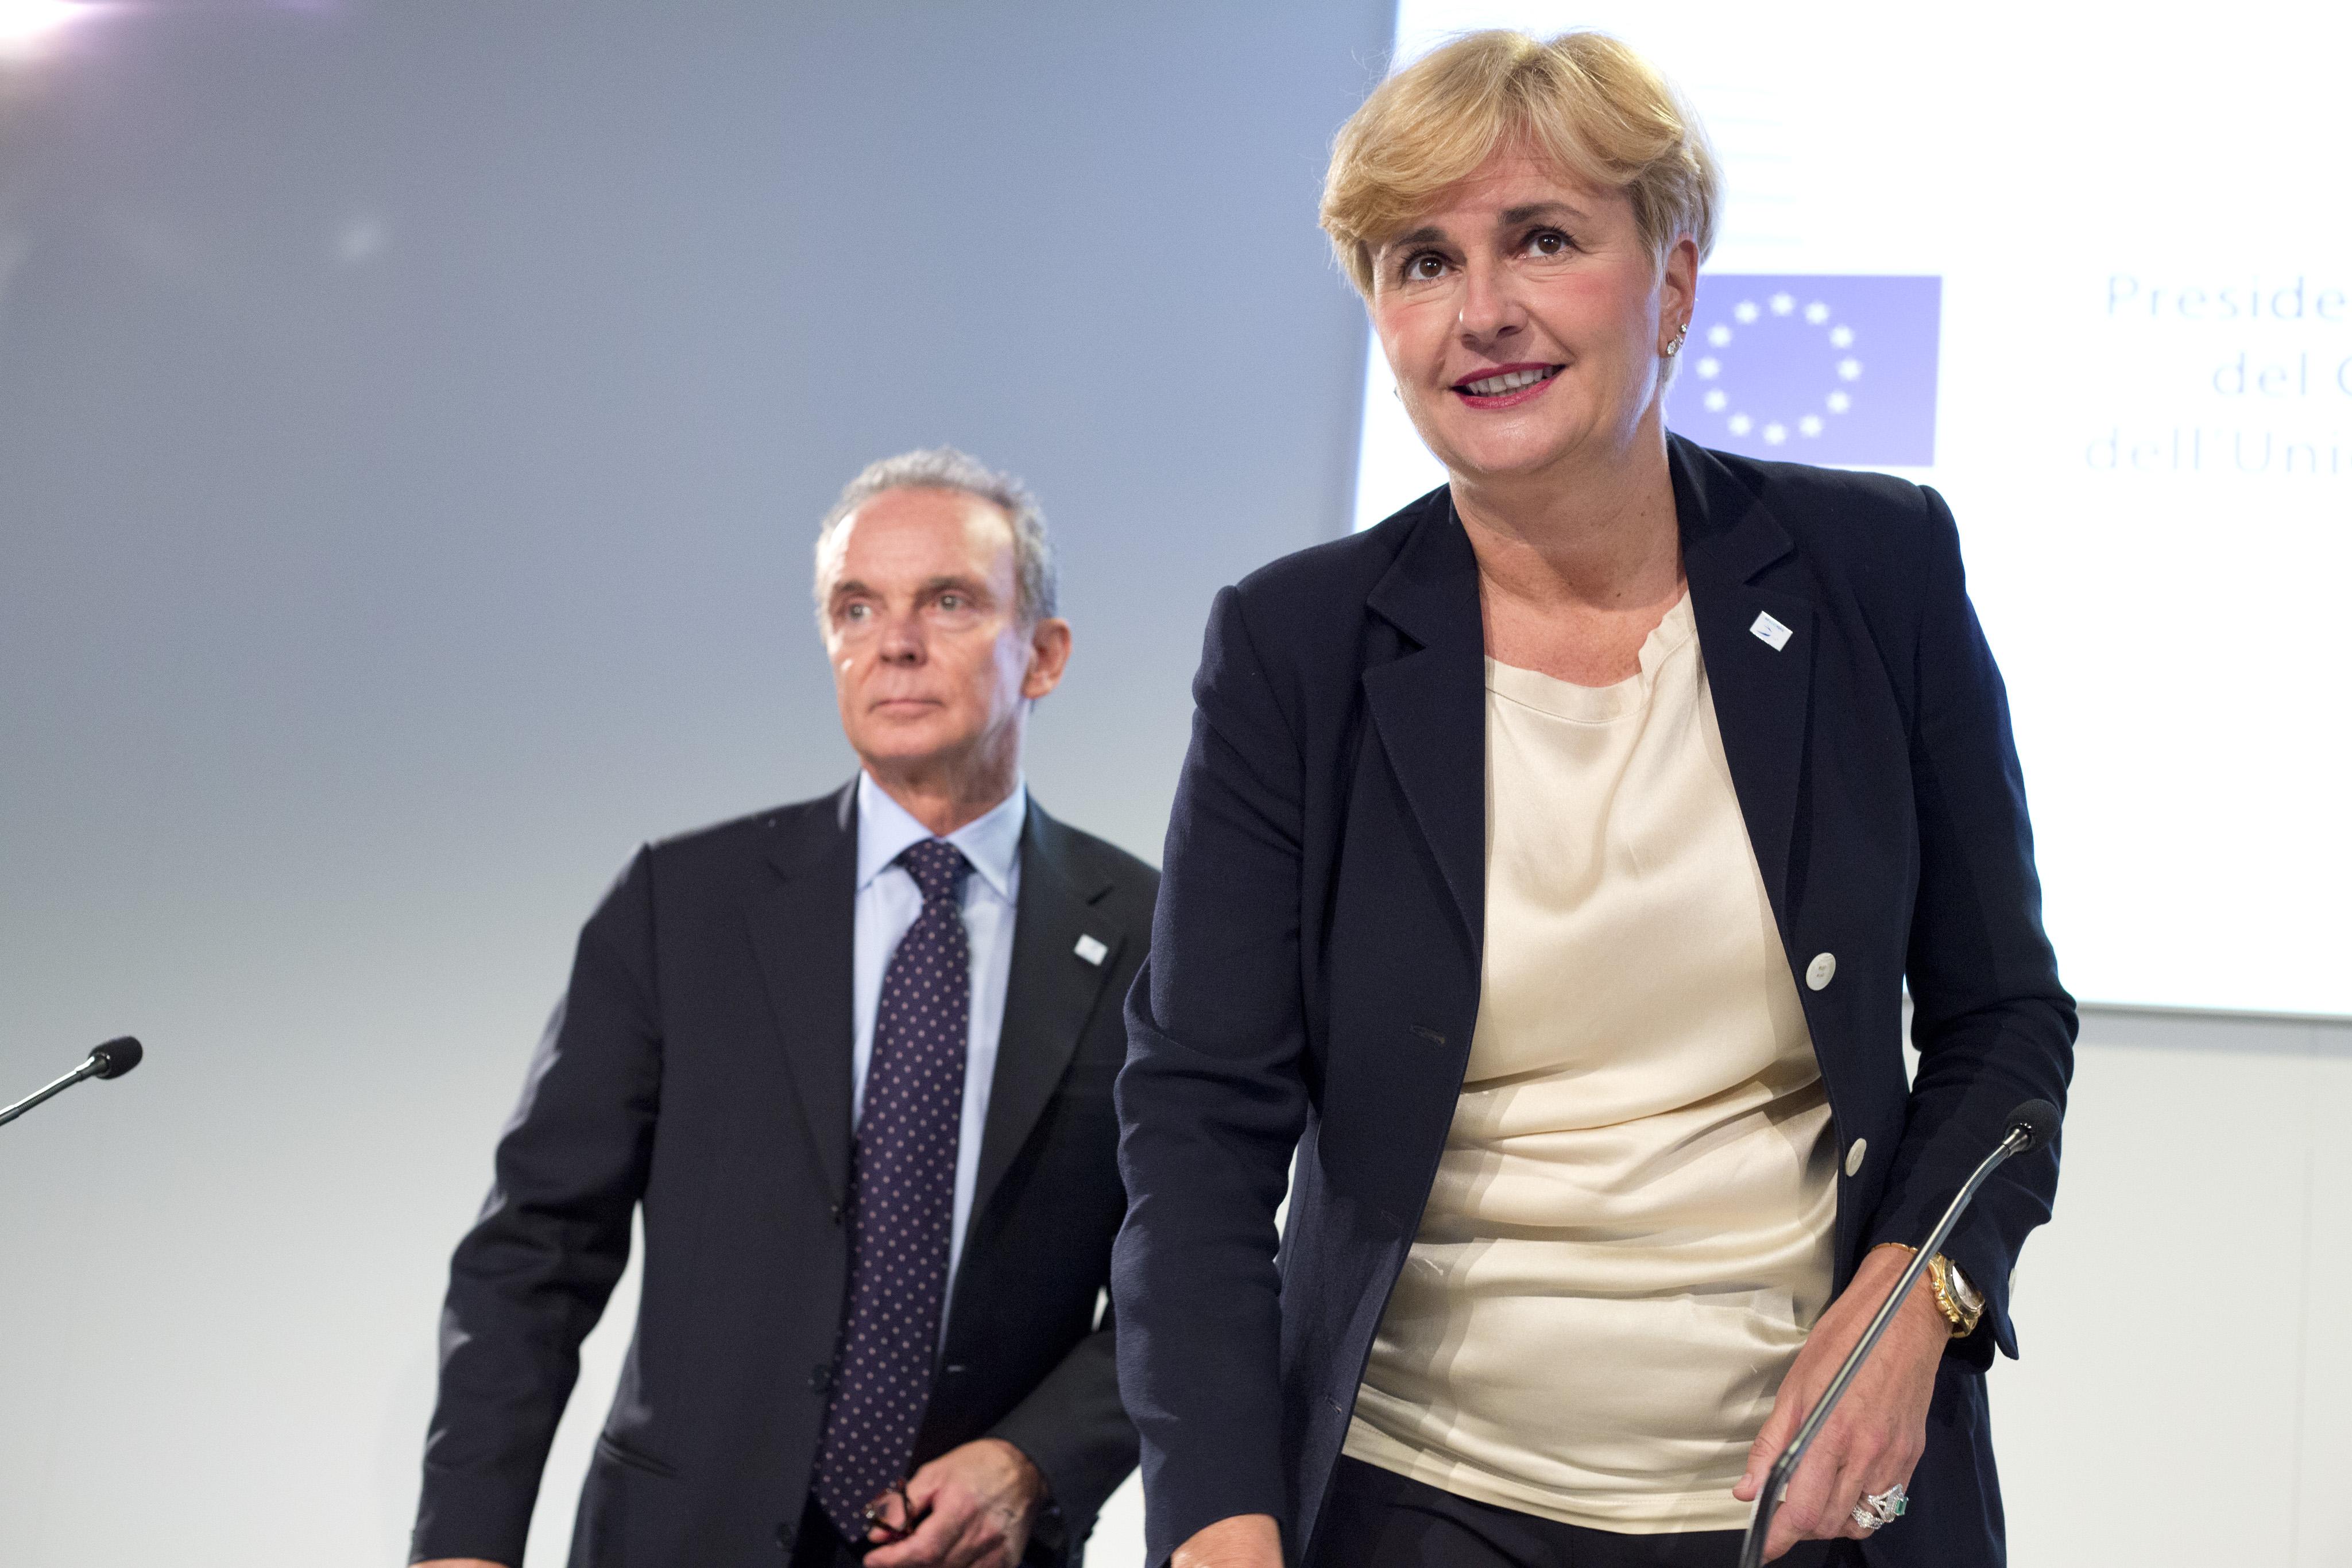 Ministro Guidi in Parlamento Europeo: priorità in materia di energia e competitività